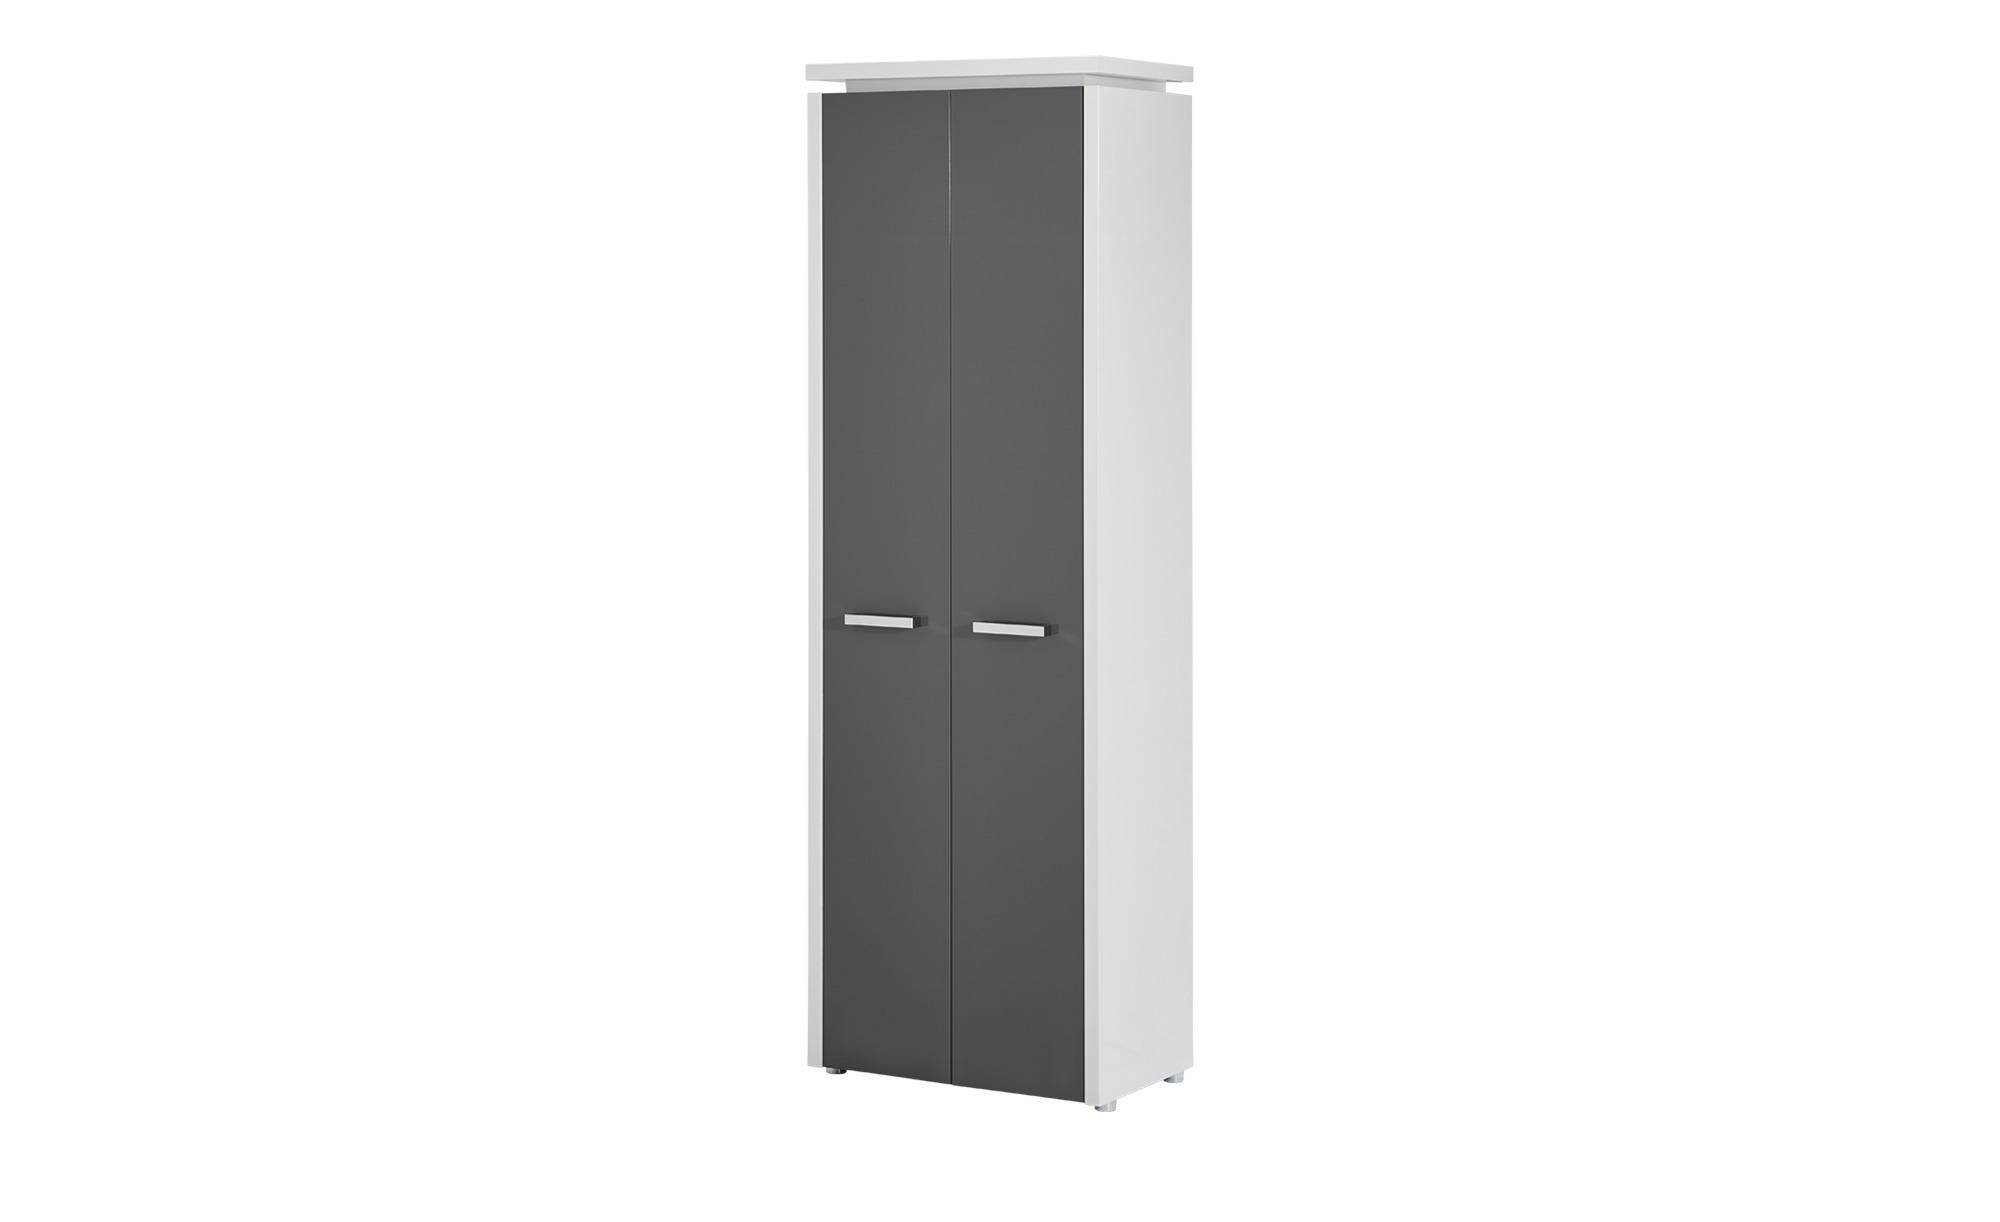 Dielenschrank - grau - 62 cm - 192 cm - 37 cm - Schränke > Garderobenschränke - Möbel Kraft   Flur & Diele > Mehrzweckschränke   Möbel Kraft